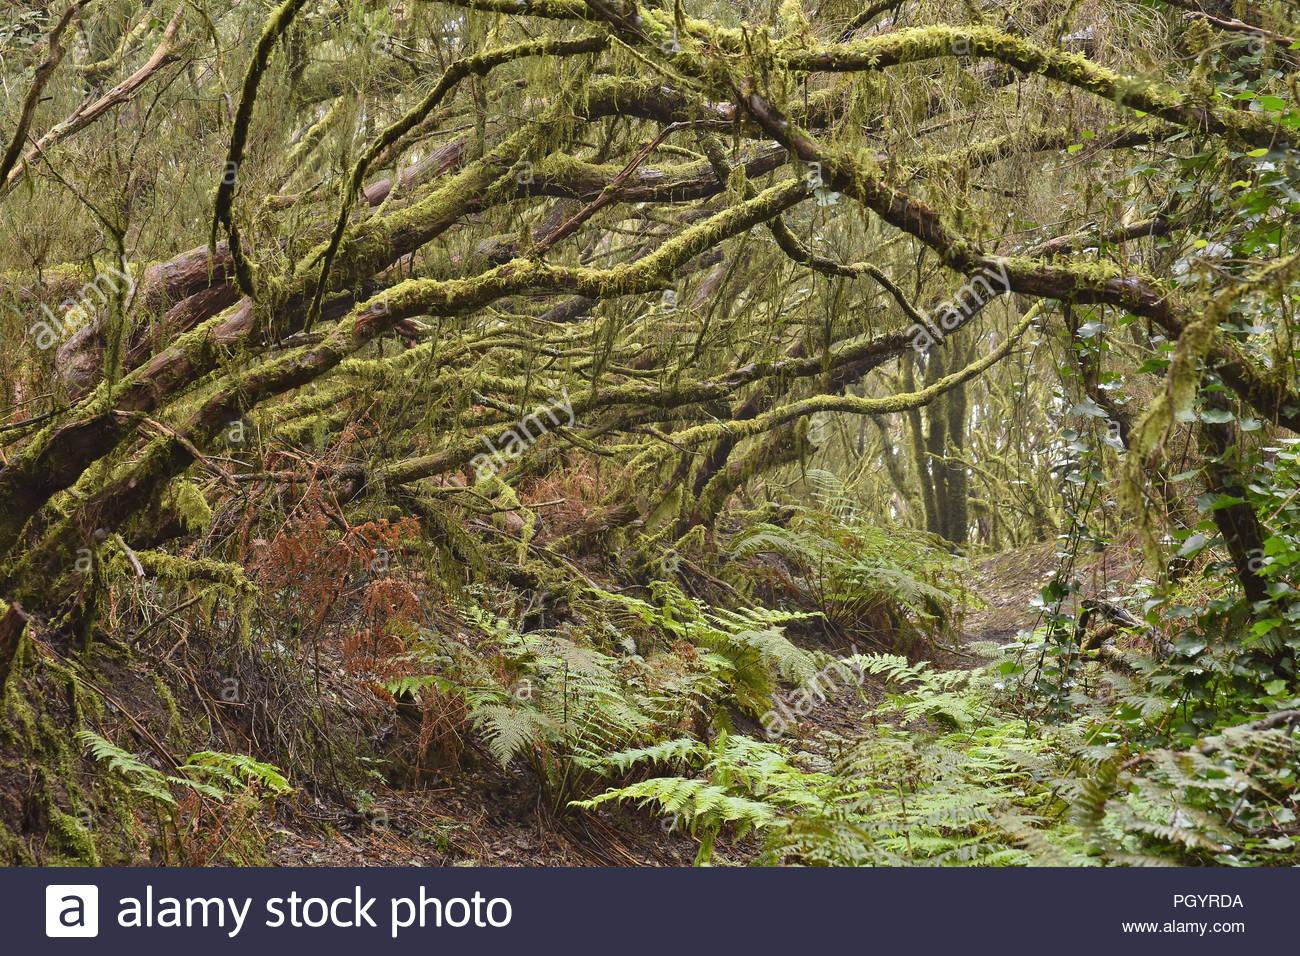 Evergreen Laurel Wald. Bäumen bedeckt mit Moos und Flechten, Anaga ländlichen Park im Nordosten von Teneriffa Kanarische Inseln Spanien. Stockbild